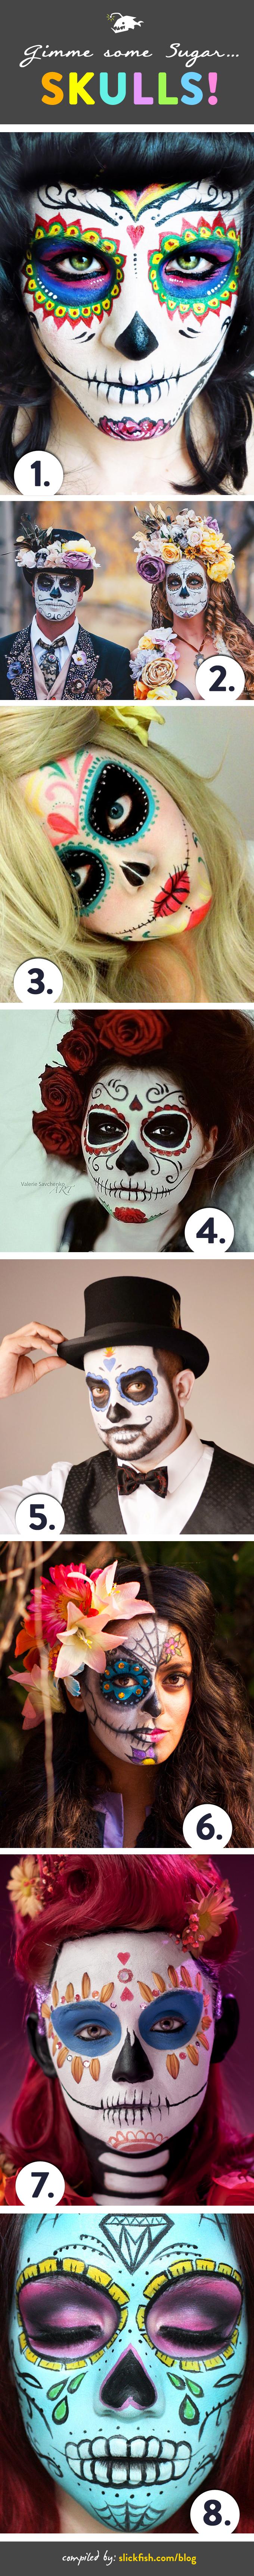 SlickFish's favorite Sugar Skull Designs